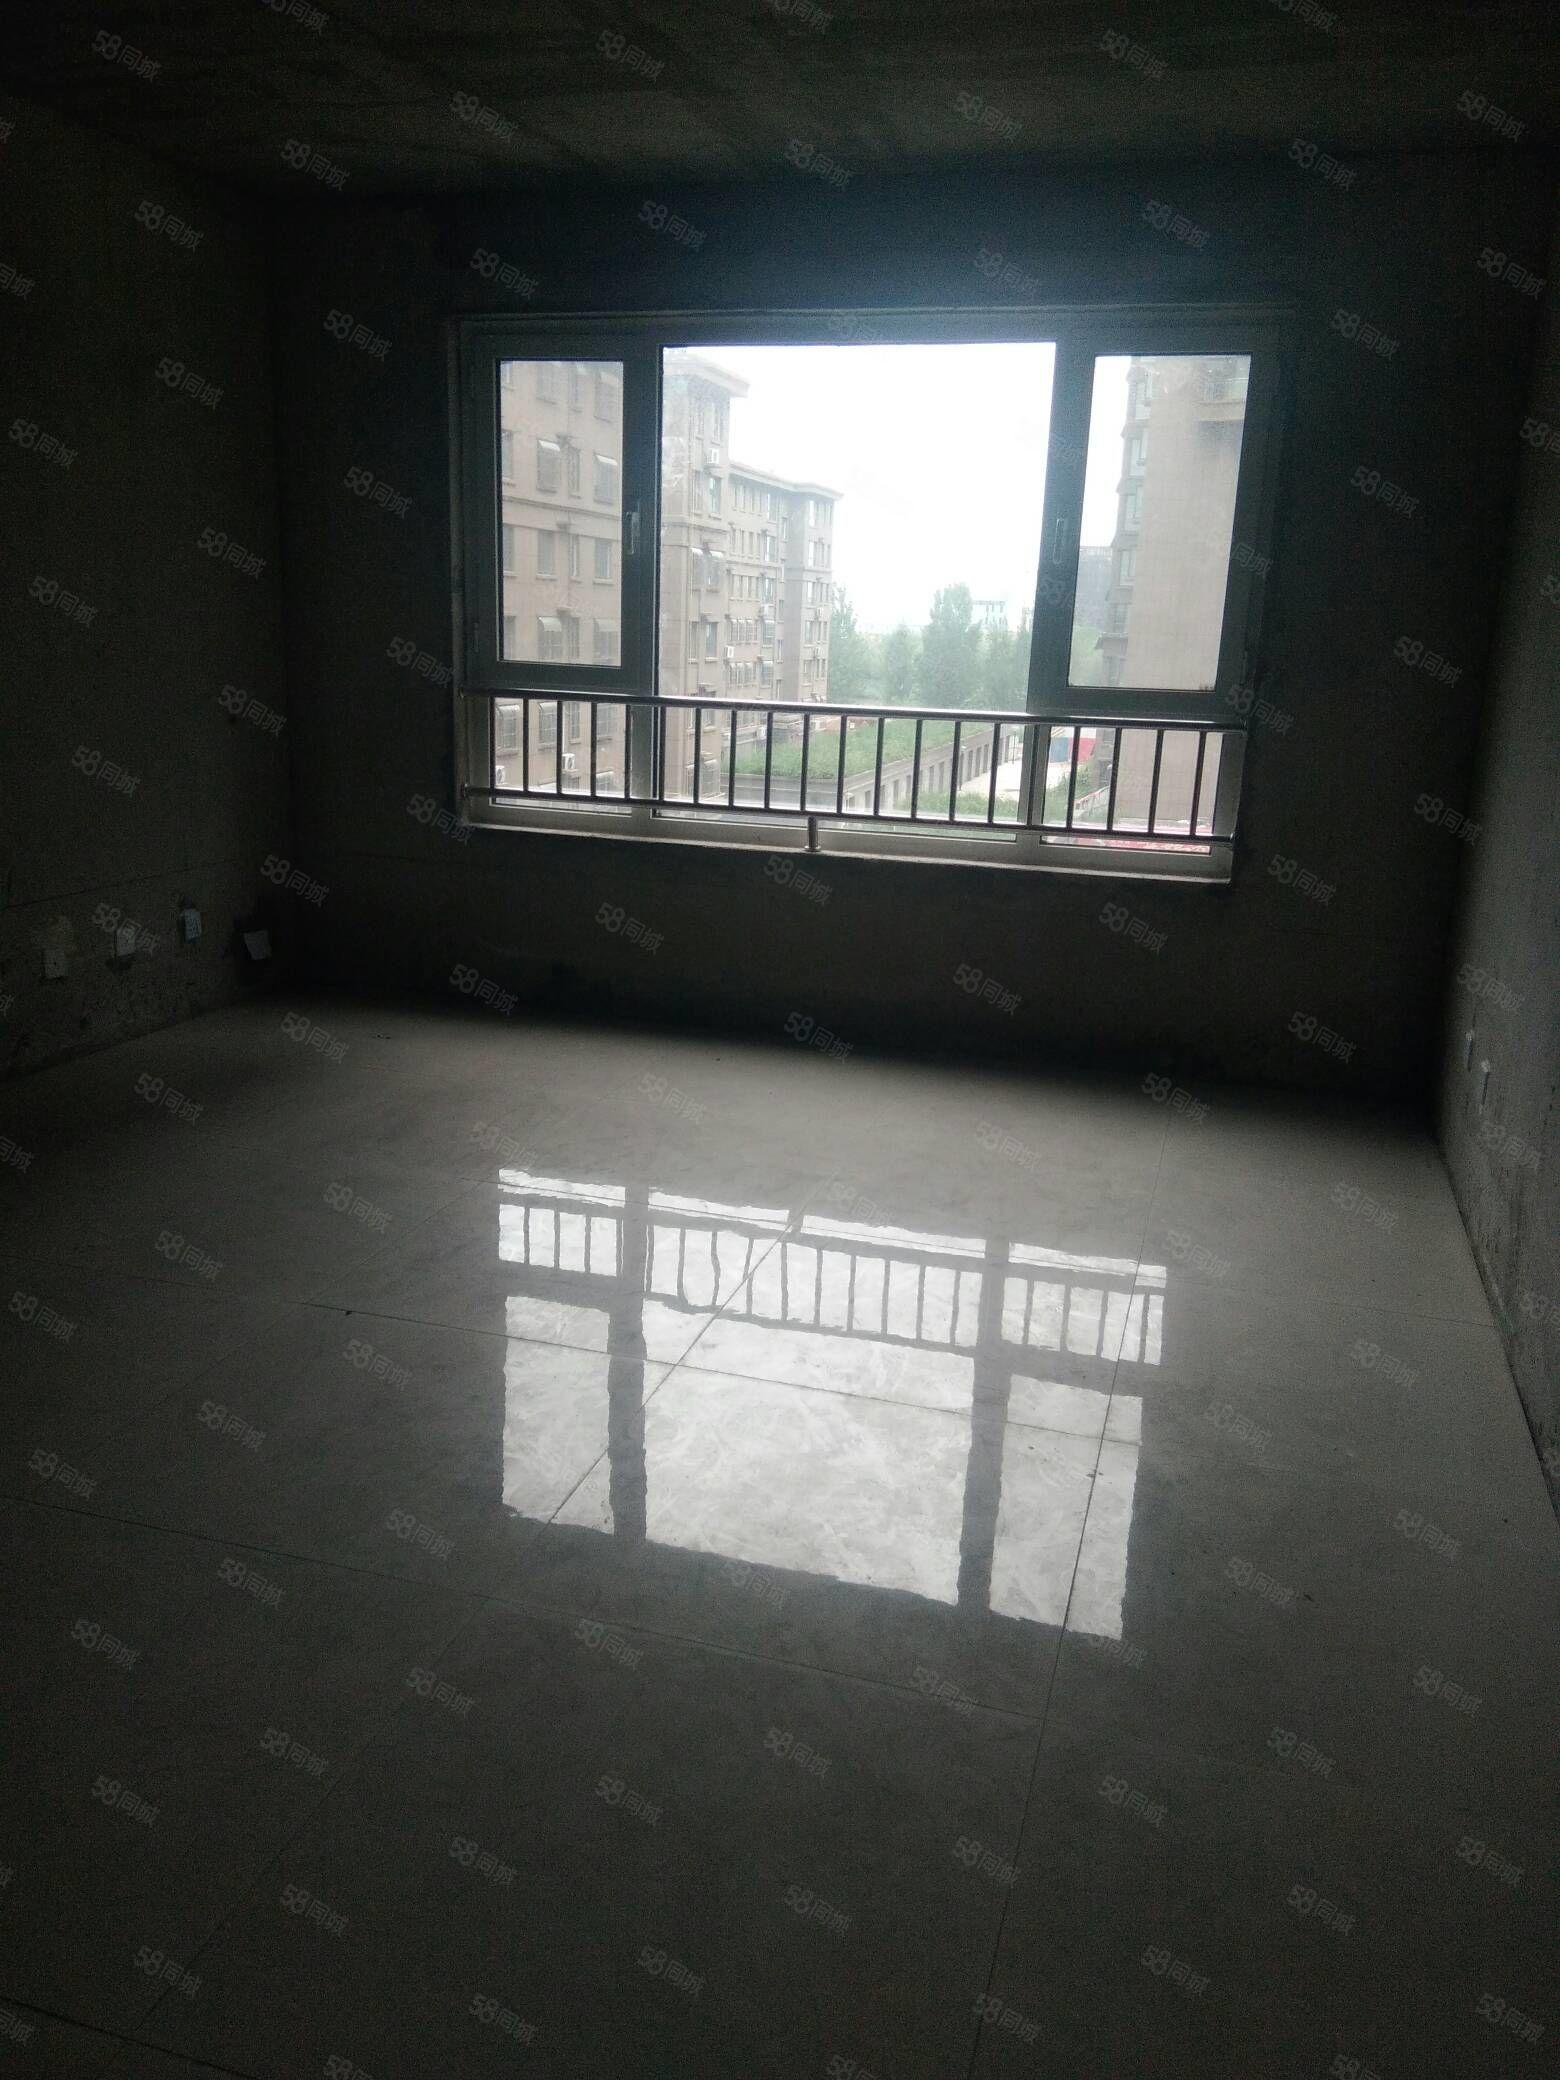 急售 春晖佳苑电梯房 三室 115平 六千多一平 可分期